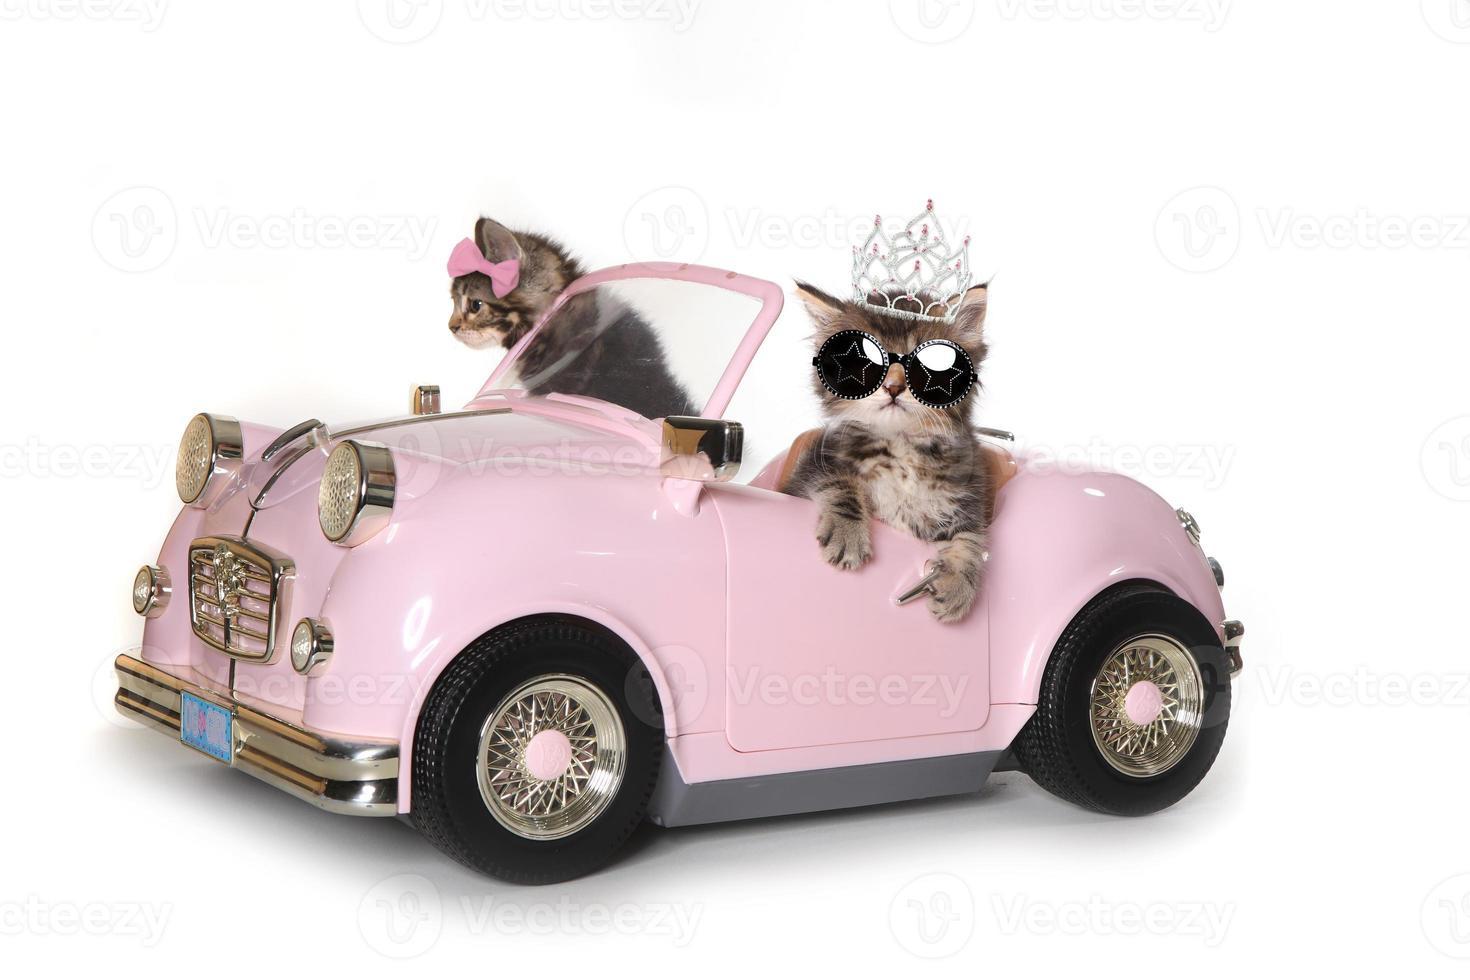 söta maincoon -kattungar med att köra en cabriolet foto